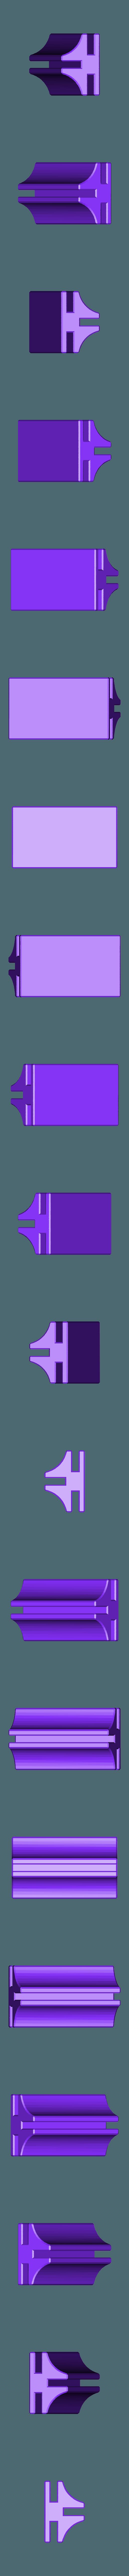 3Way_2inch.STL Download free STL file Drawer Dividers • 3D printer template, Mendelssohn